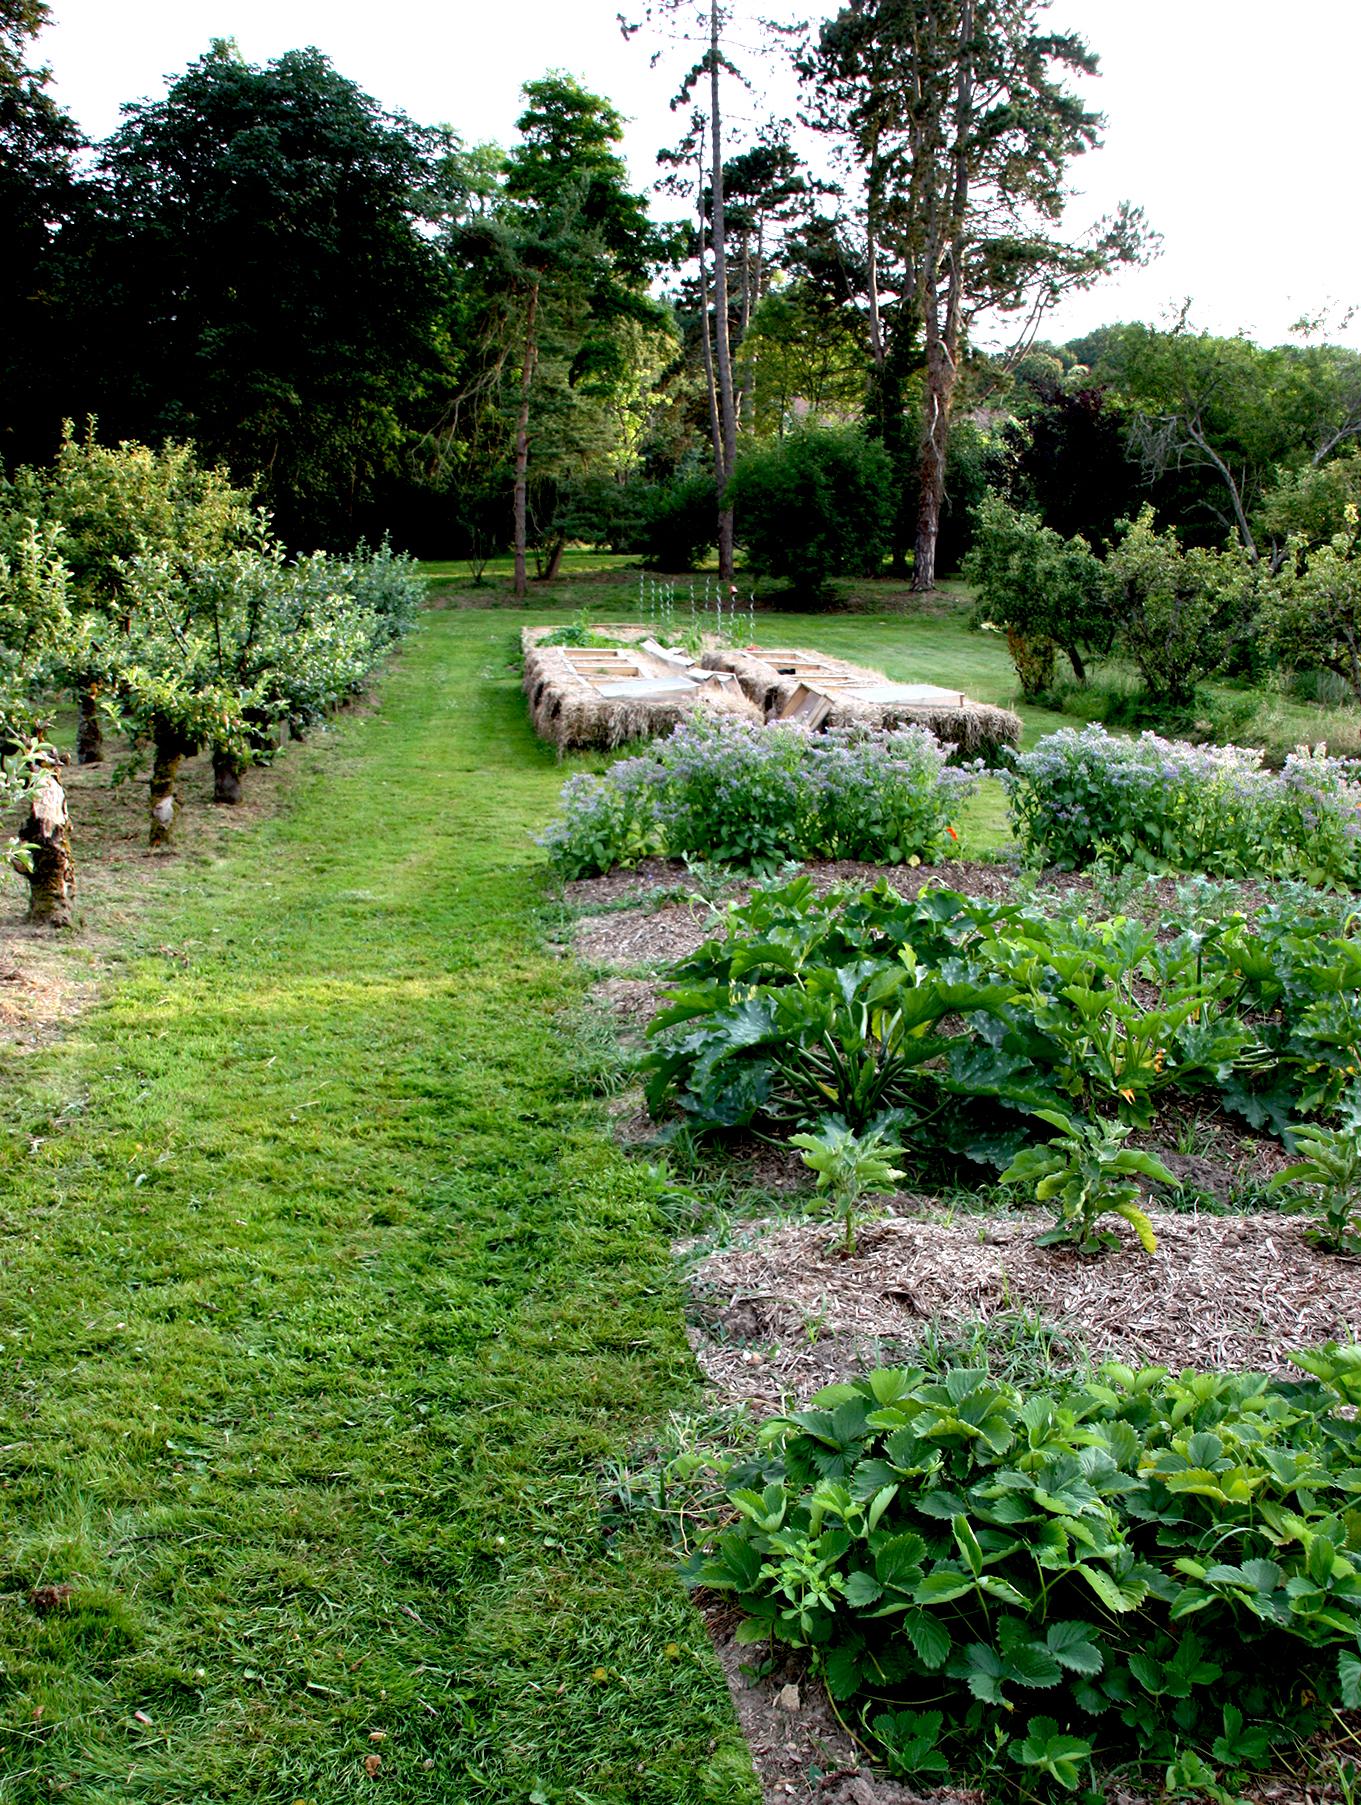 Buttes de permaculture